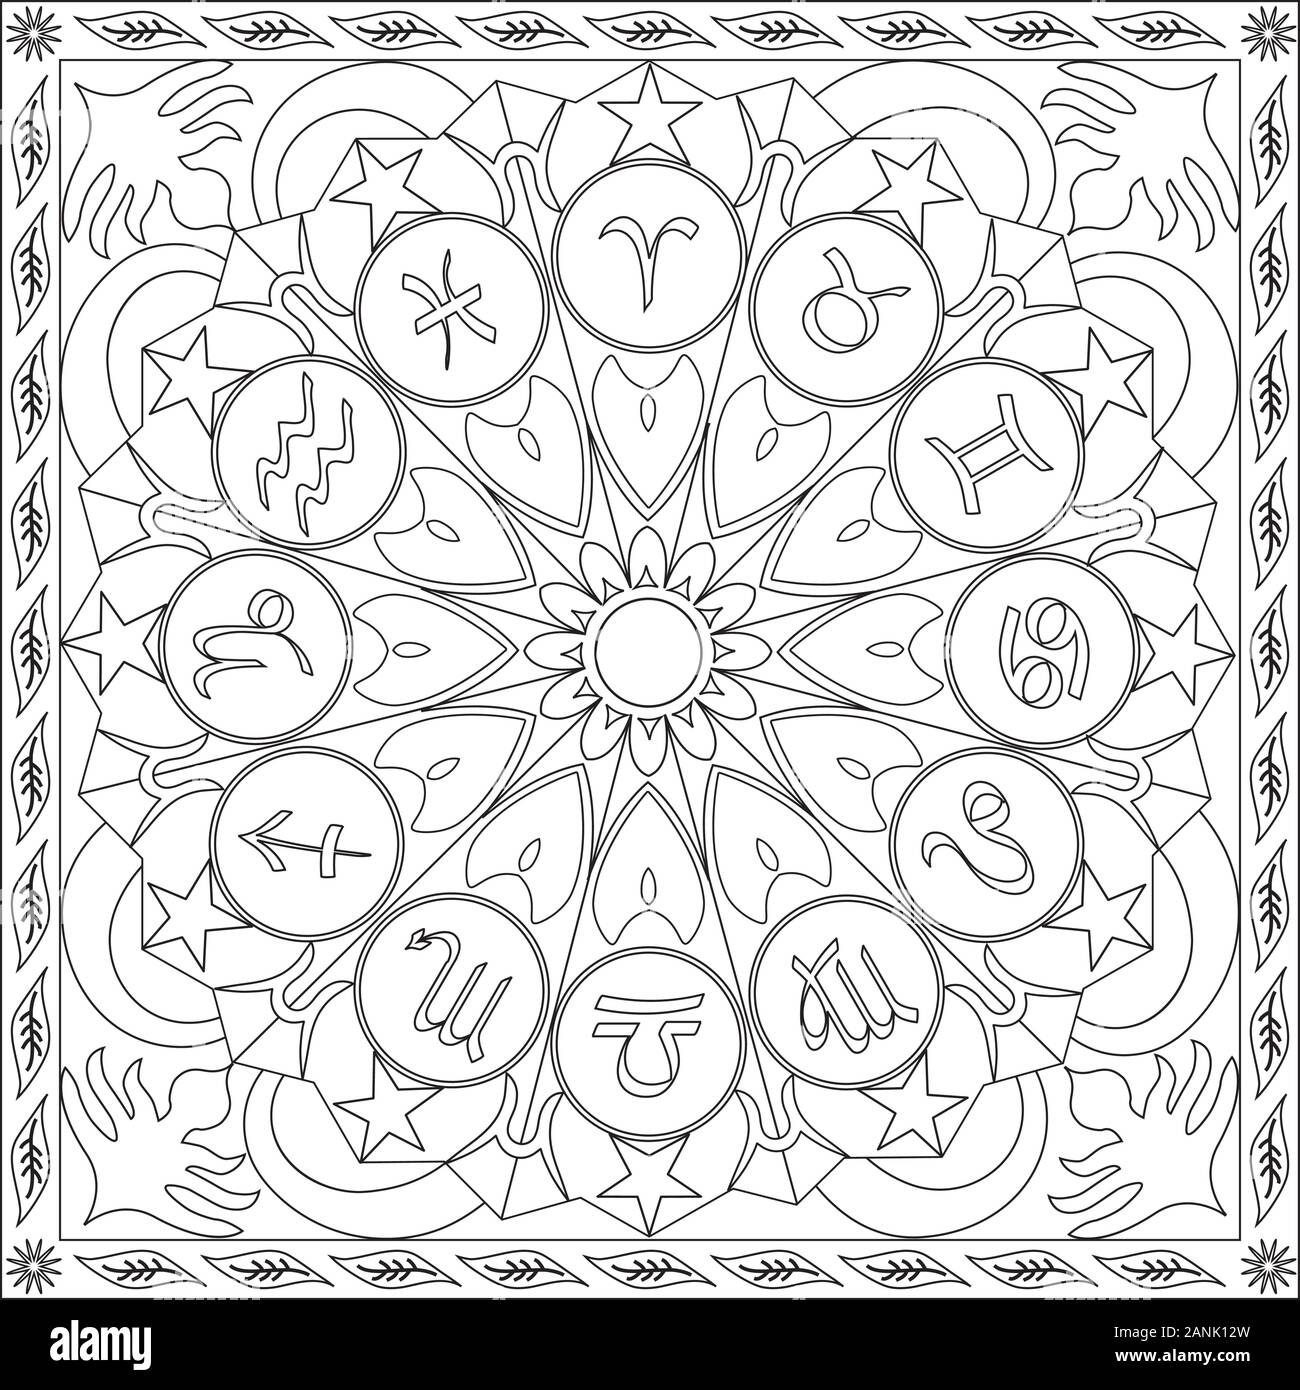 Página Para Colorear La Ilustración En Formato Cuadrado Iconos De Los Signos Del Zodíaco Mandala Rueda Astrología De Stress Y Relajarse Blanco Y Negro Imagen Vector De Stock Alamy